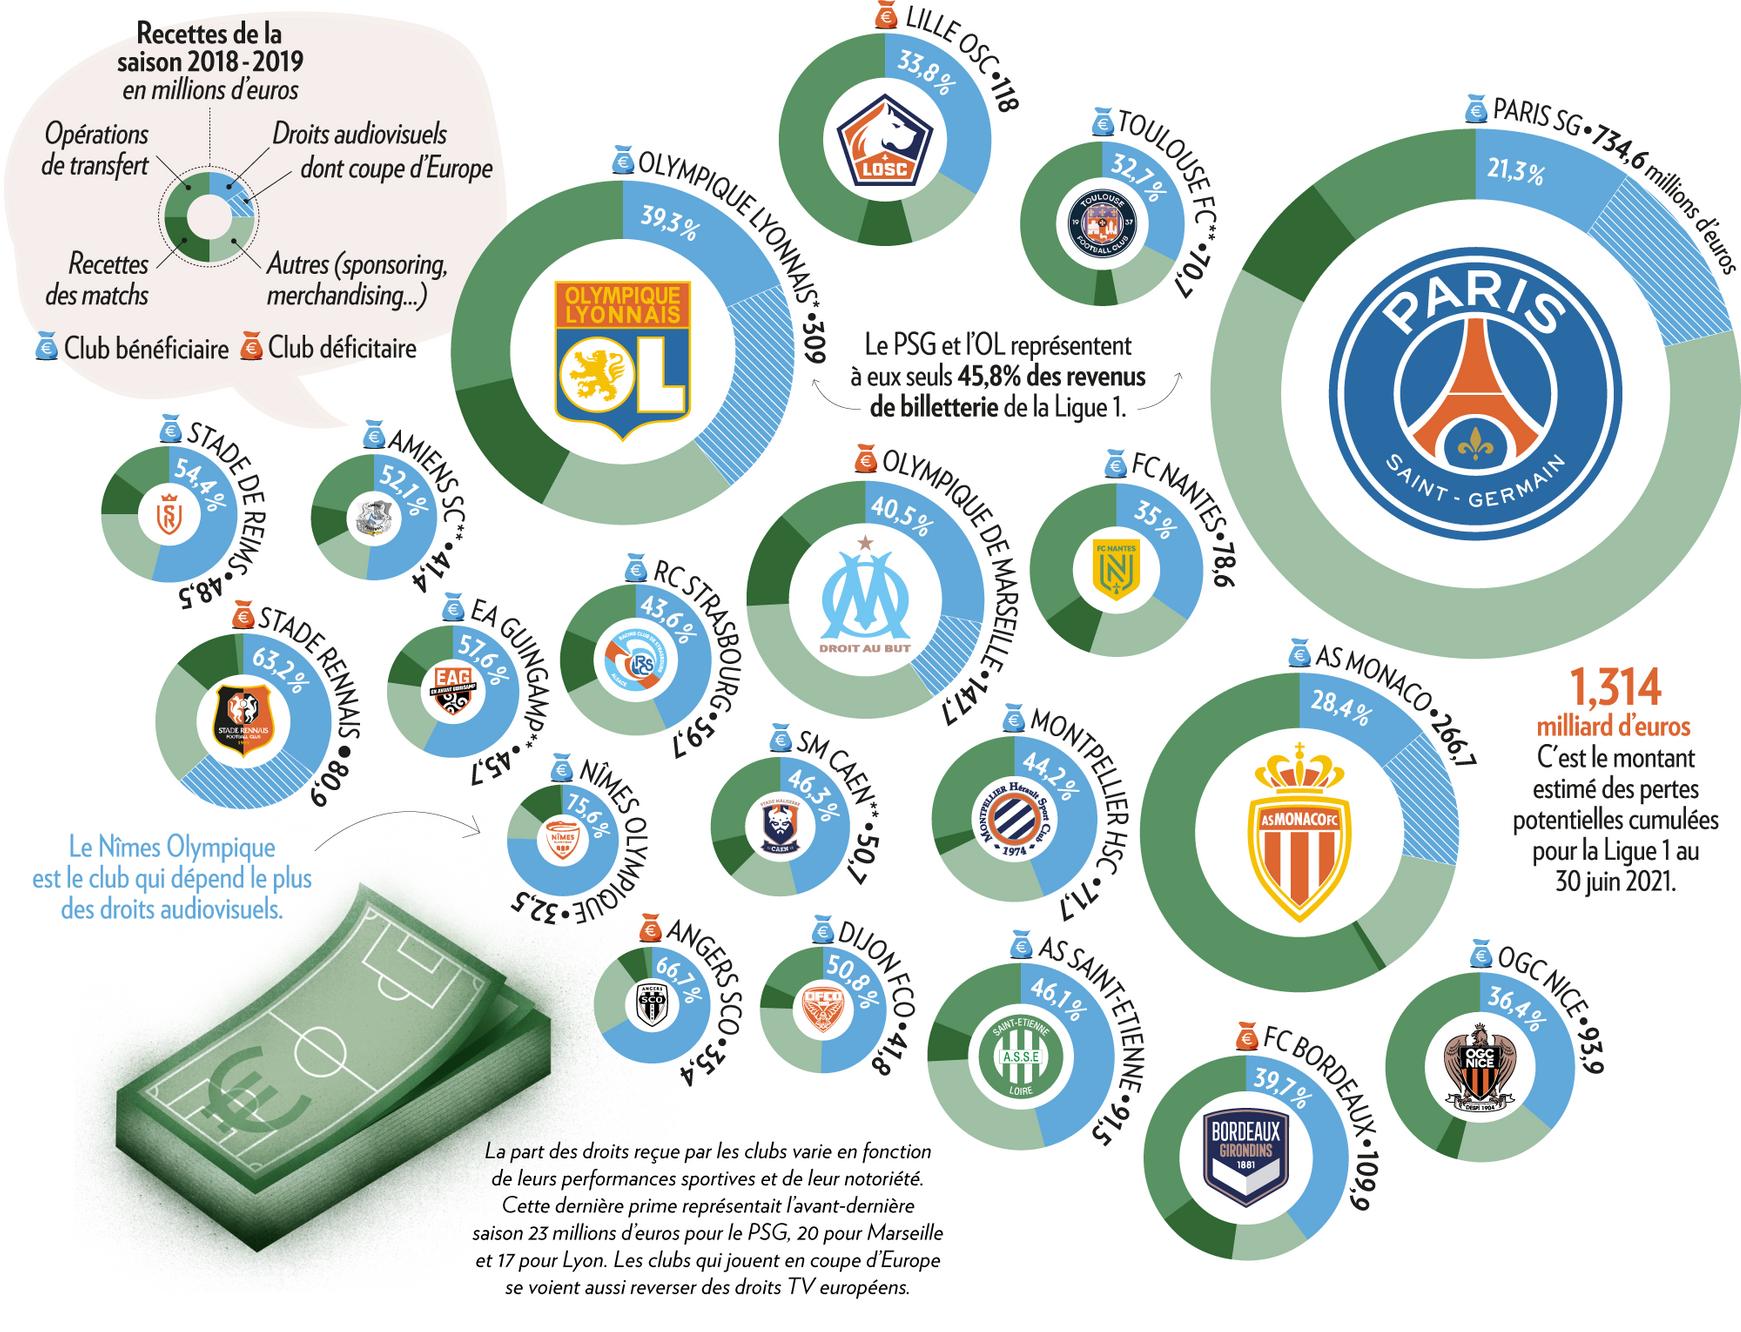 La part des droits audiovisuels dans les recettes des clubs de Ligue 1